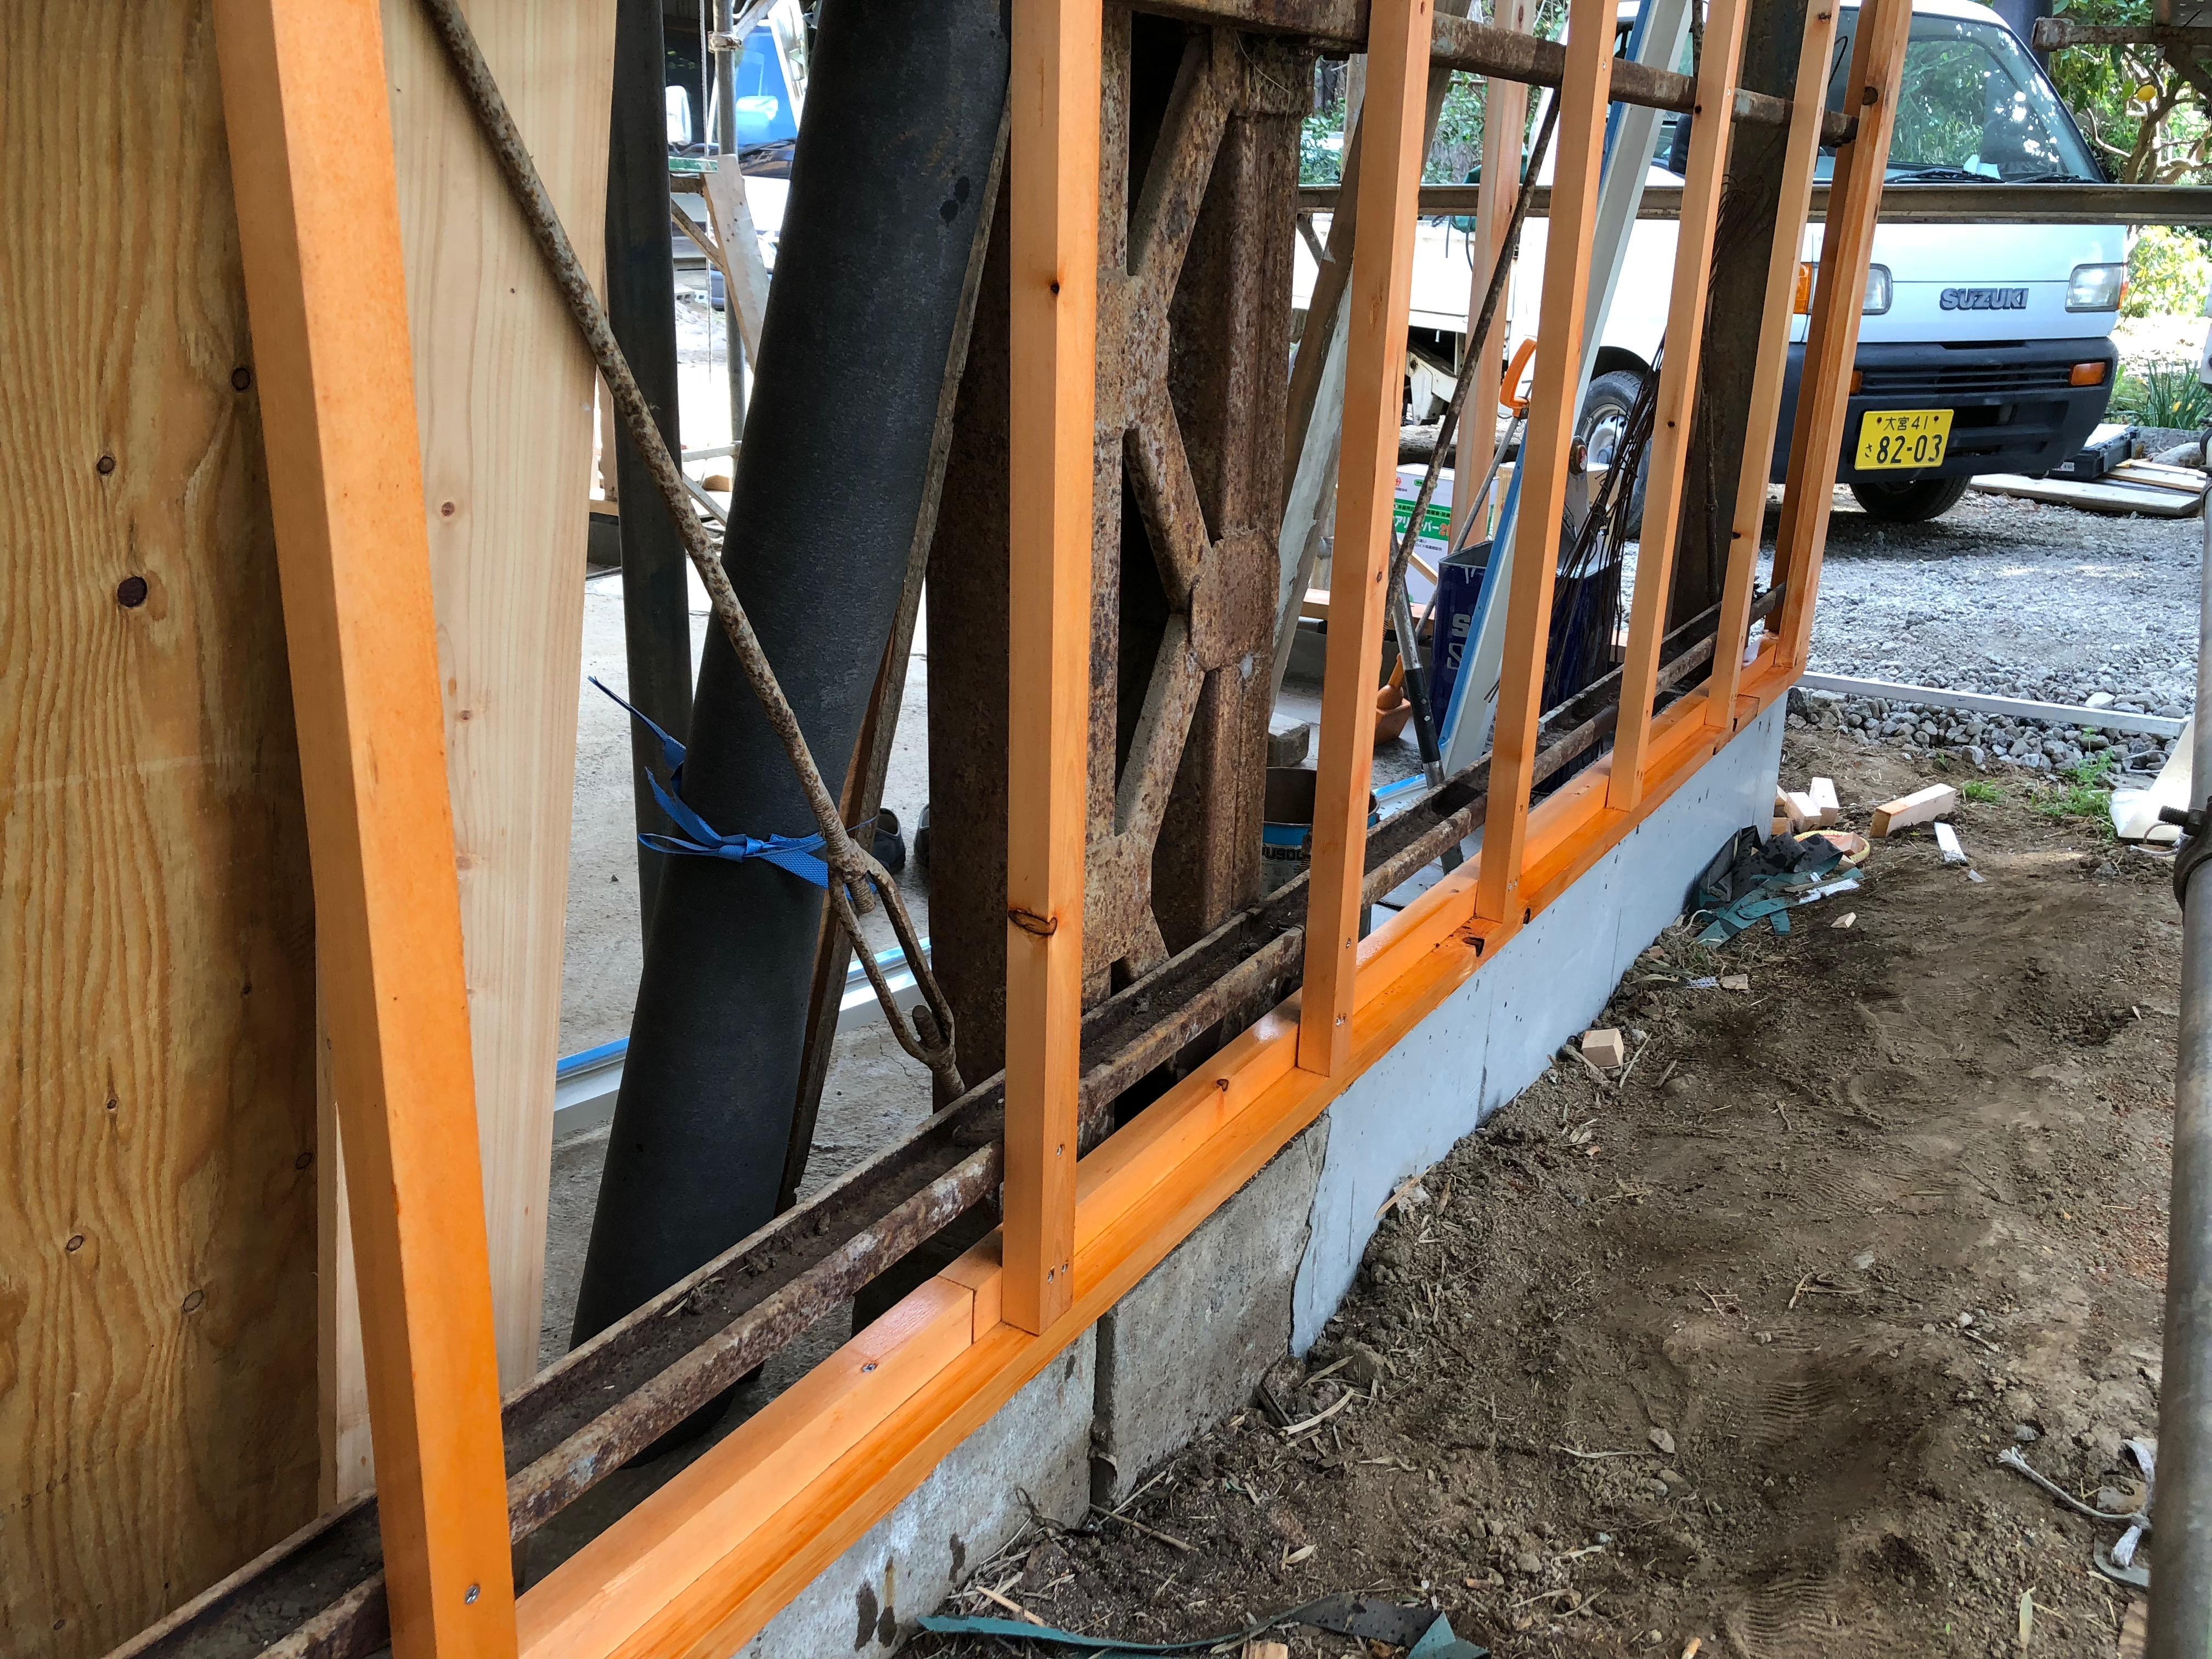 壁天井工事02 -外壁下地。防虫防腐剤の塗布。タケノコ初収穫。-